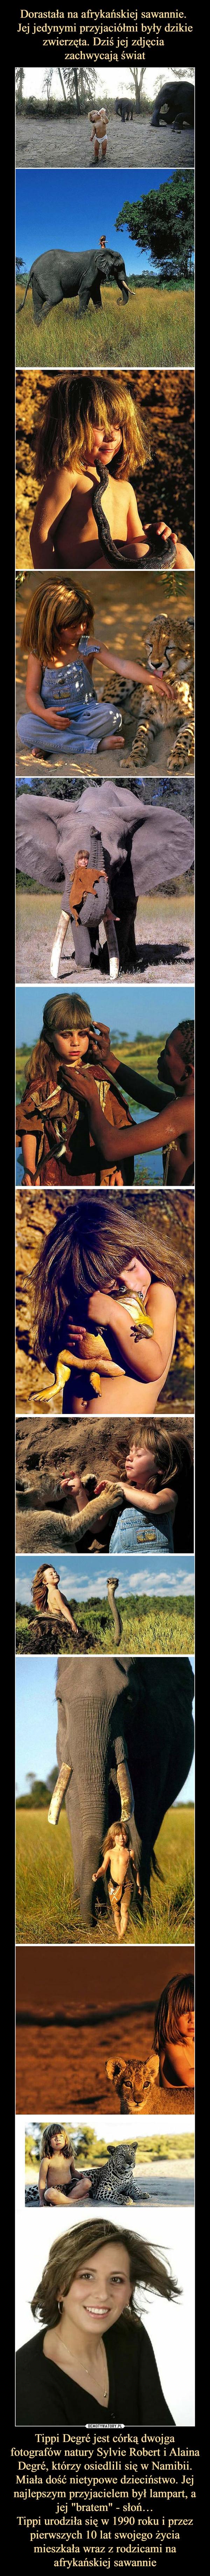 """Tippi Degré jest córką dwojga fotografów natury Sylvie Robert i Alaina Degré, którzy osiedlili się w Namibii. Miała dość nietypowe dzieciństwo. Jej najlepszym przyjacielem był lampart, a jej """"bratem"""" - słoń…Tippi urodziła się w 1990 roku i przez pierwszych 10 lat swojego życia mieszkała wraz z rodzicami na afrykańskiej sawannie –"""